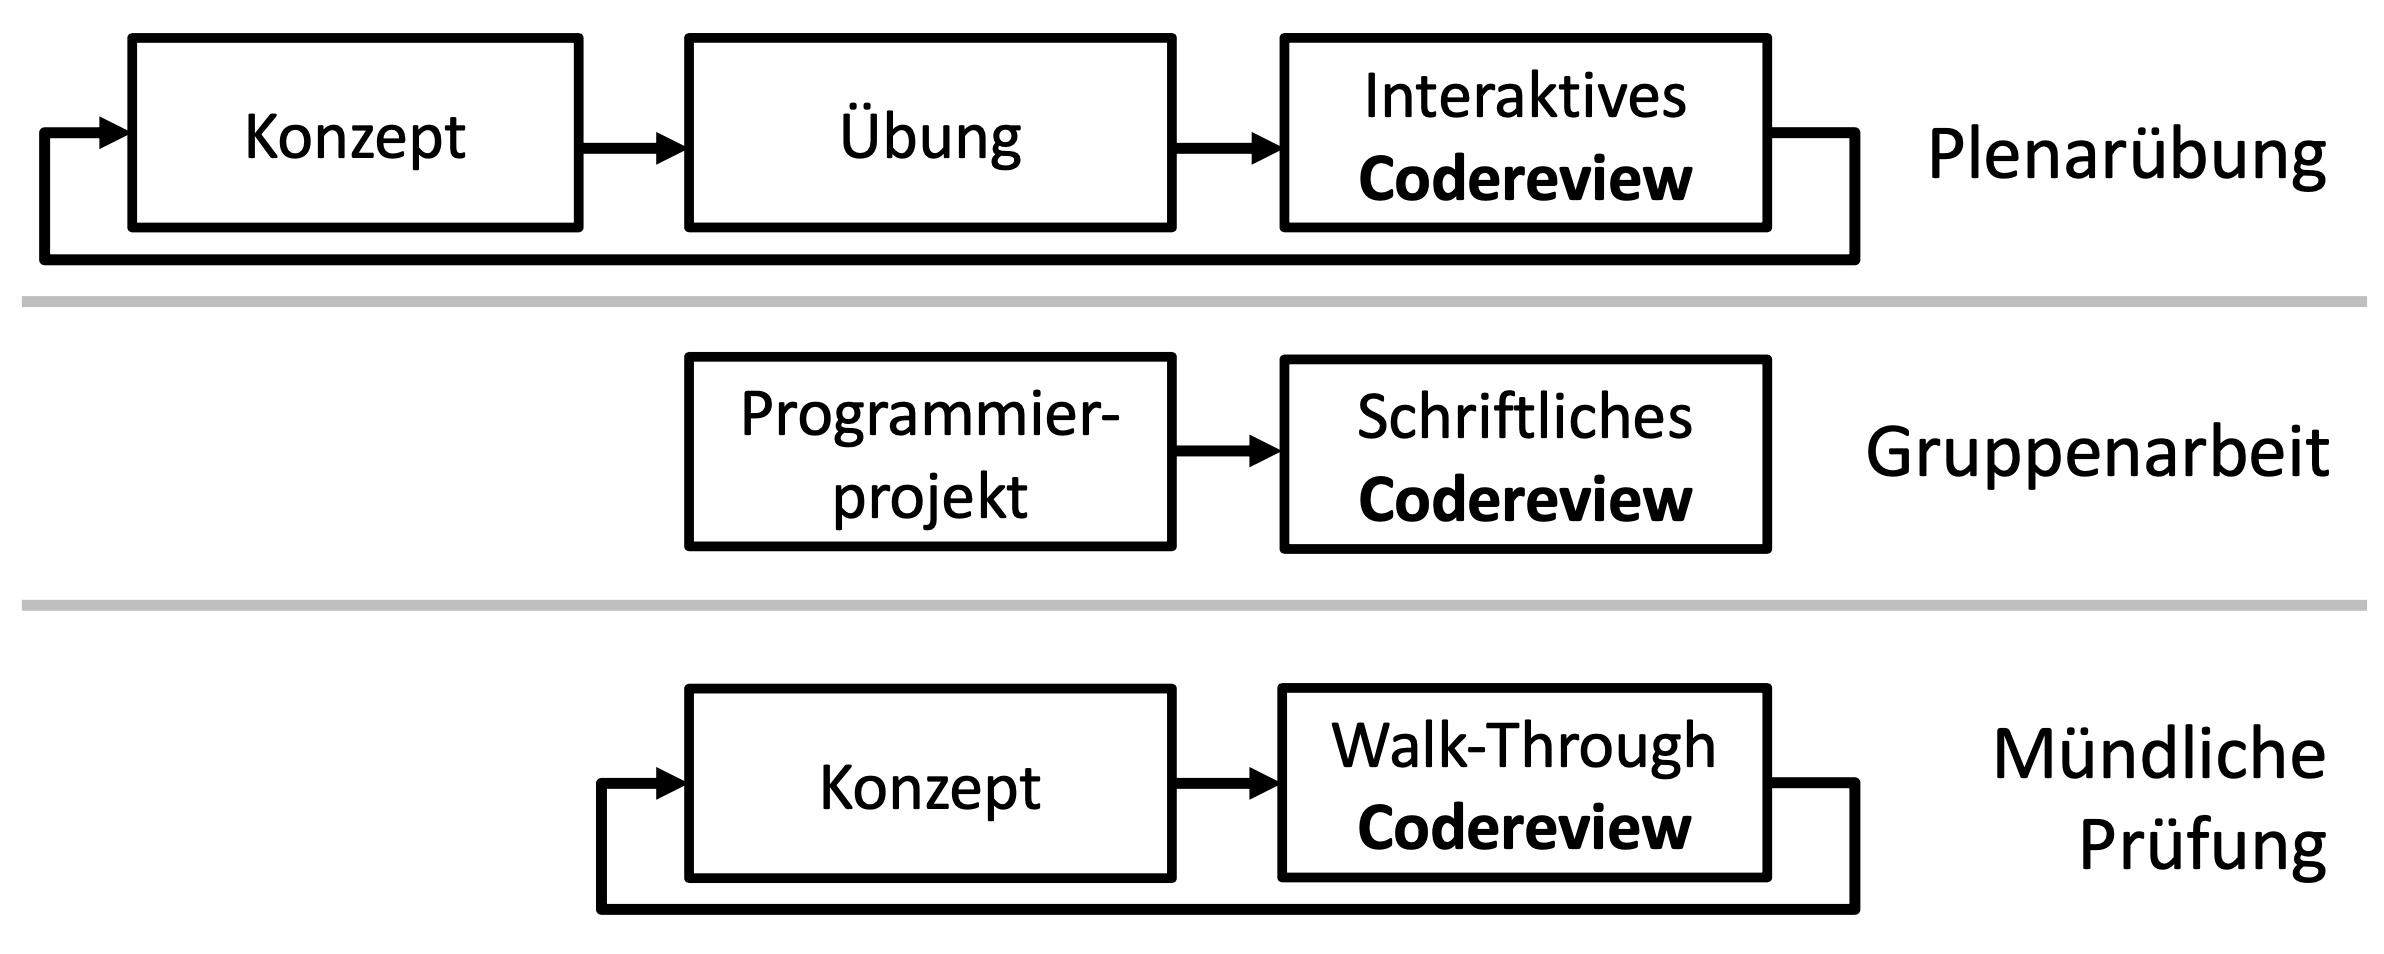 Das didaktische Konzept basierte auf Codereviews.